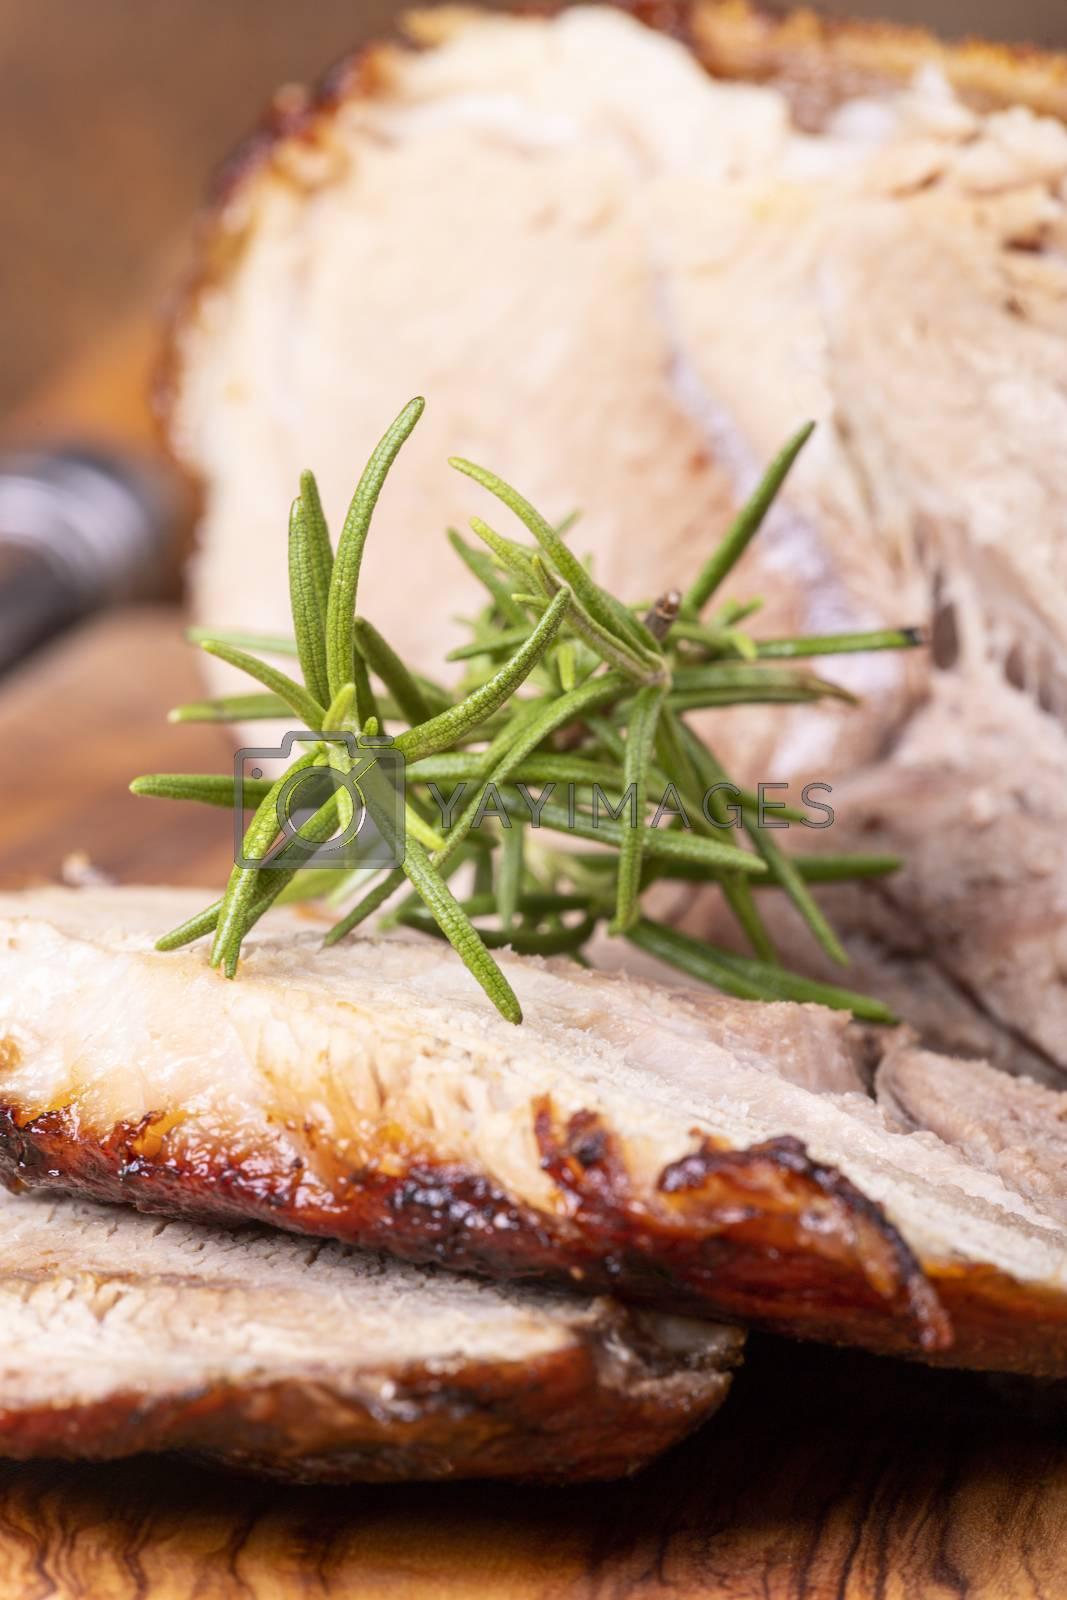 sliced bavarian roasted pork on wood